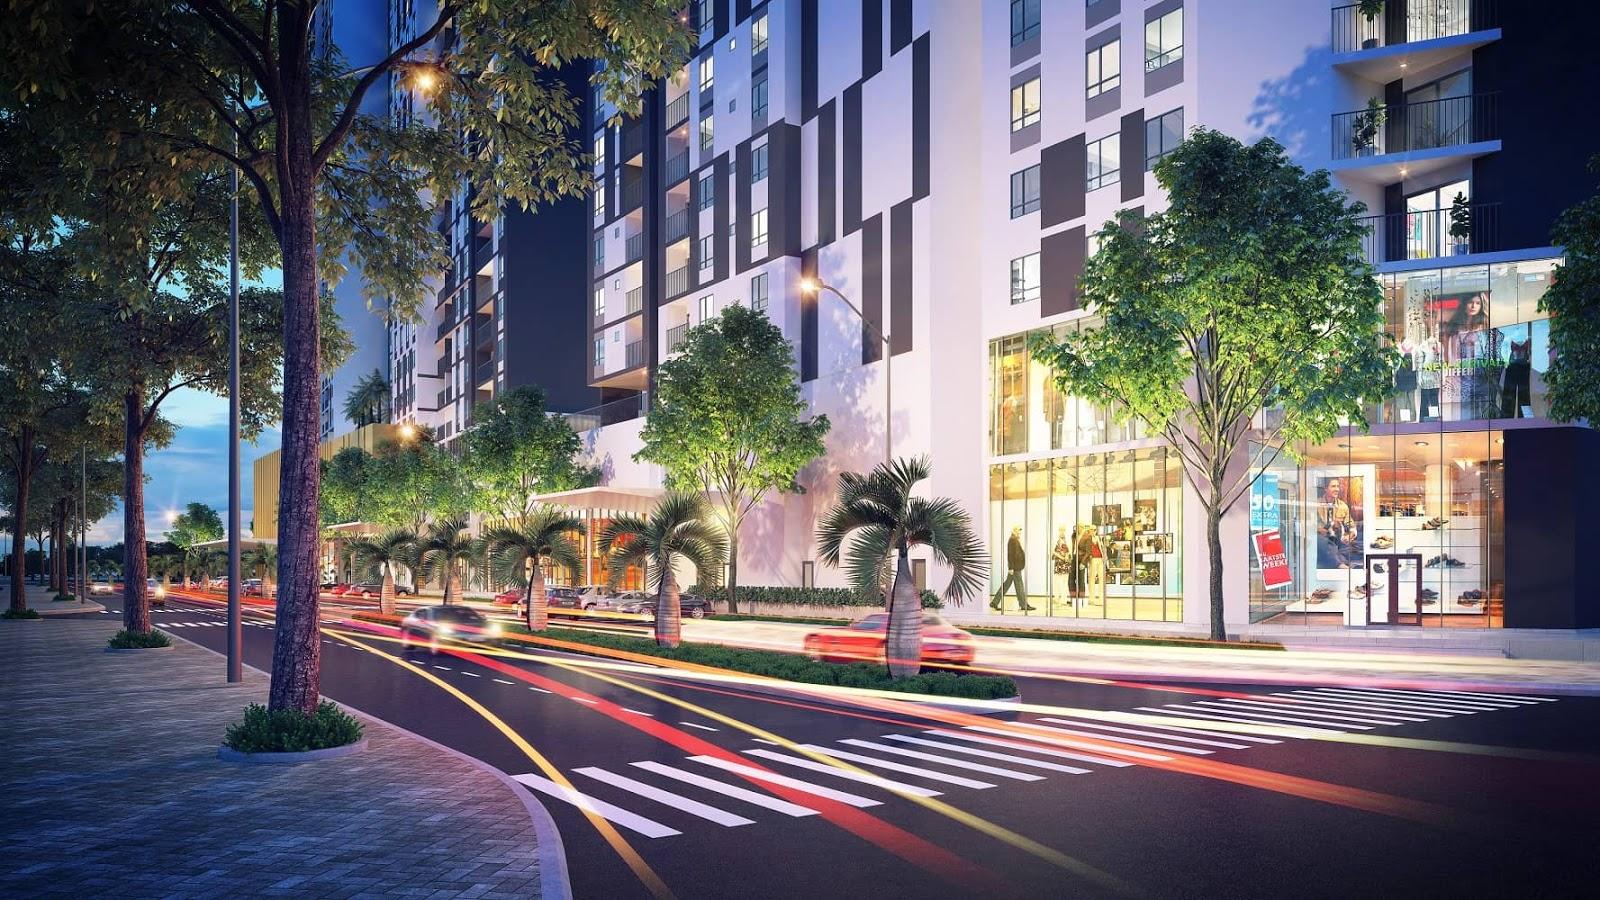 Khu thương mại dự án Kosm Tây Hồ sầm uất được bố trí tại tầng 1 và tầng 2